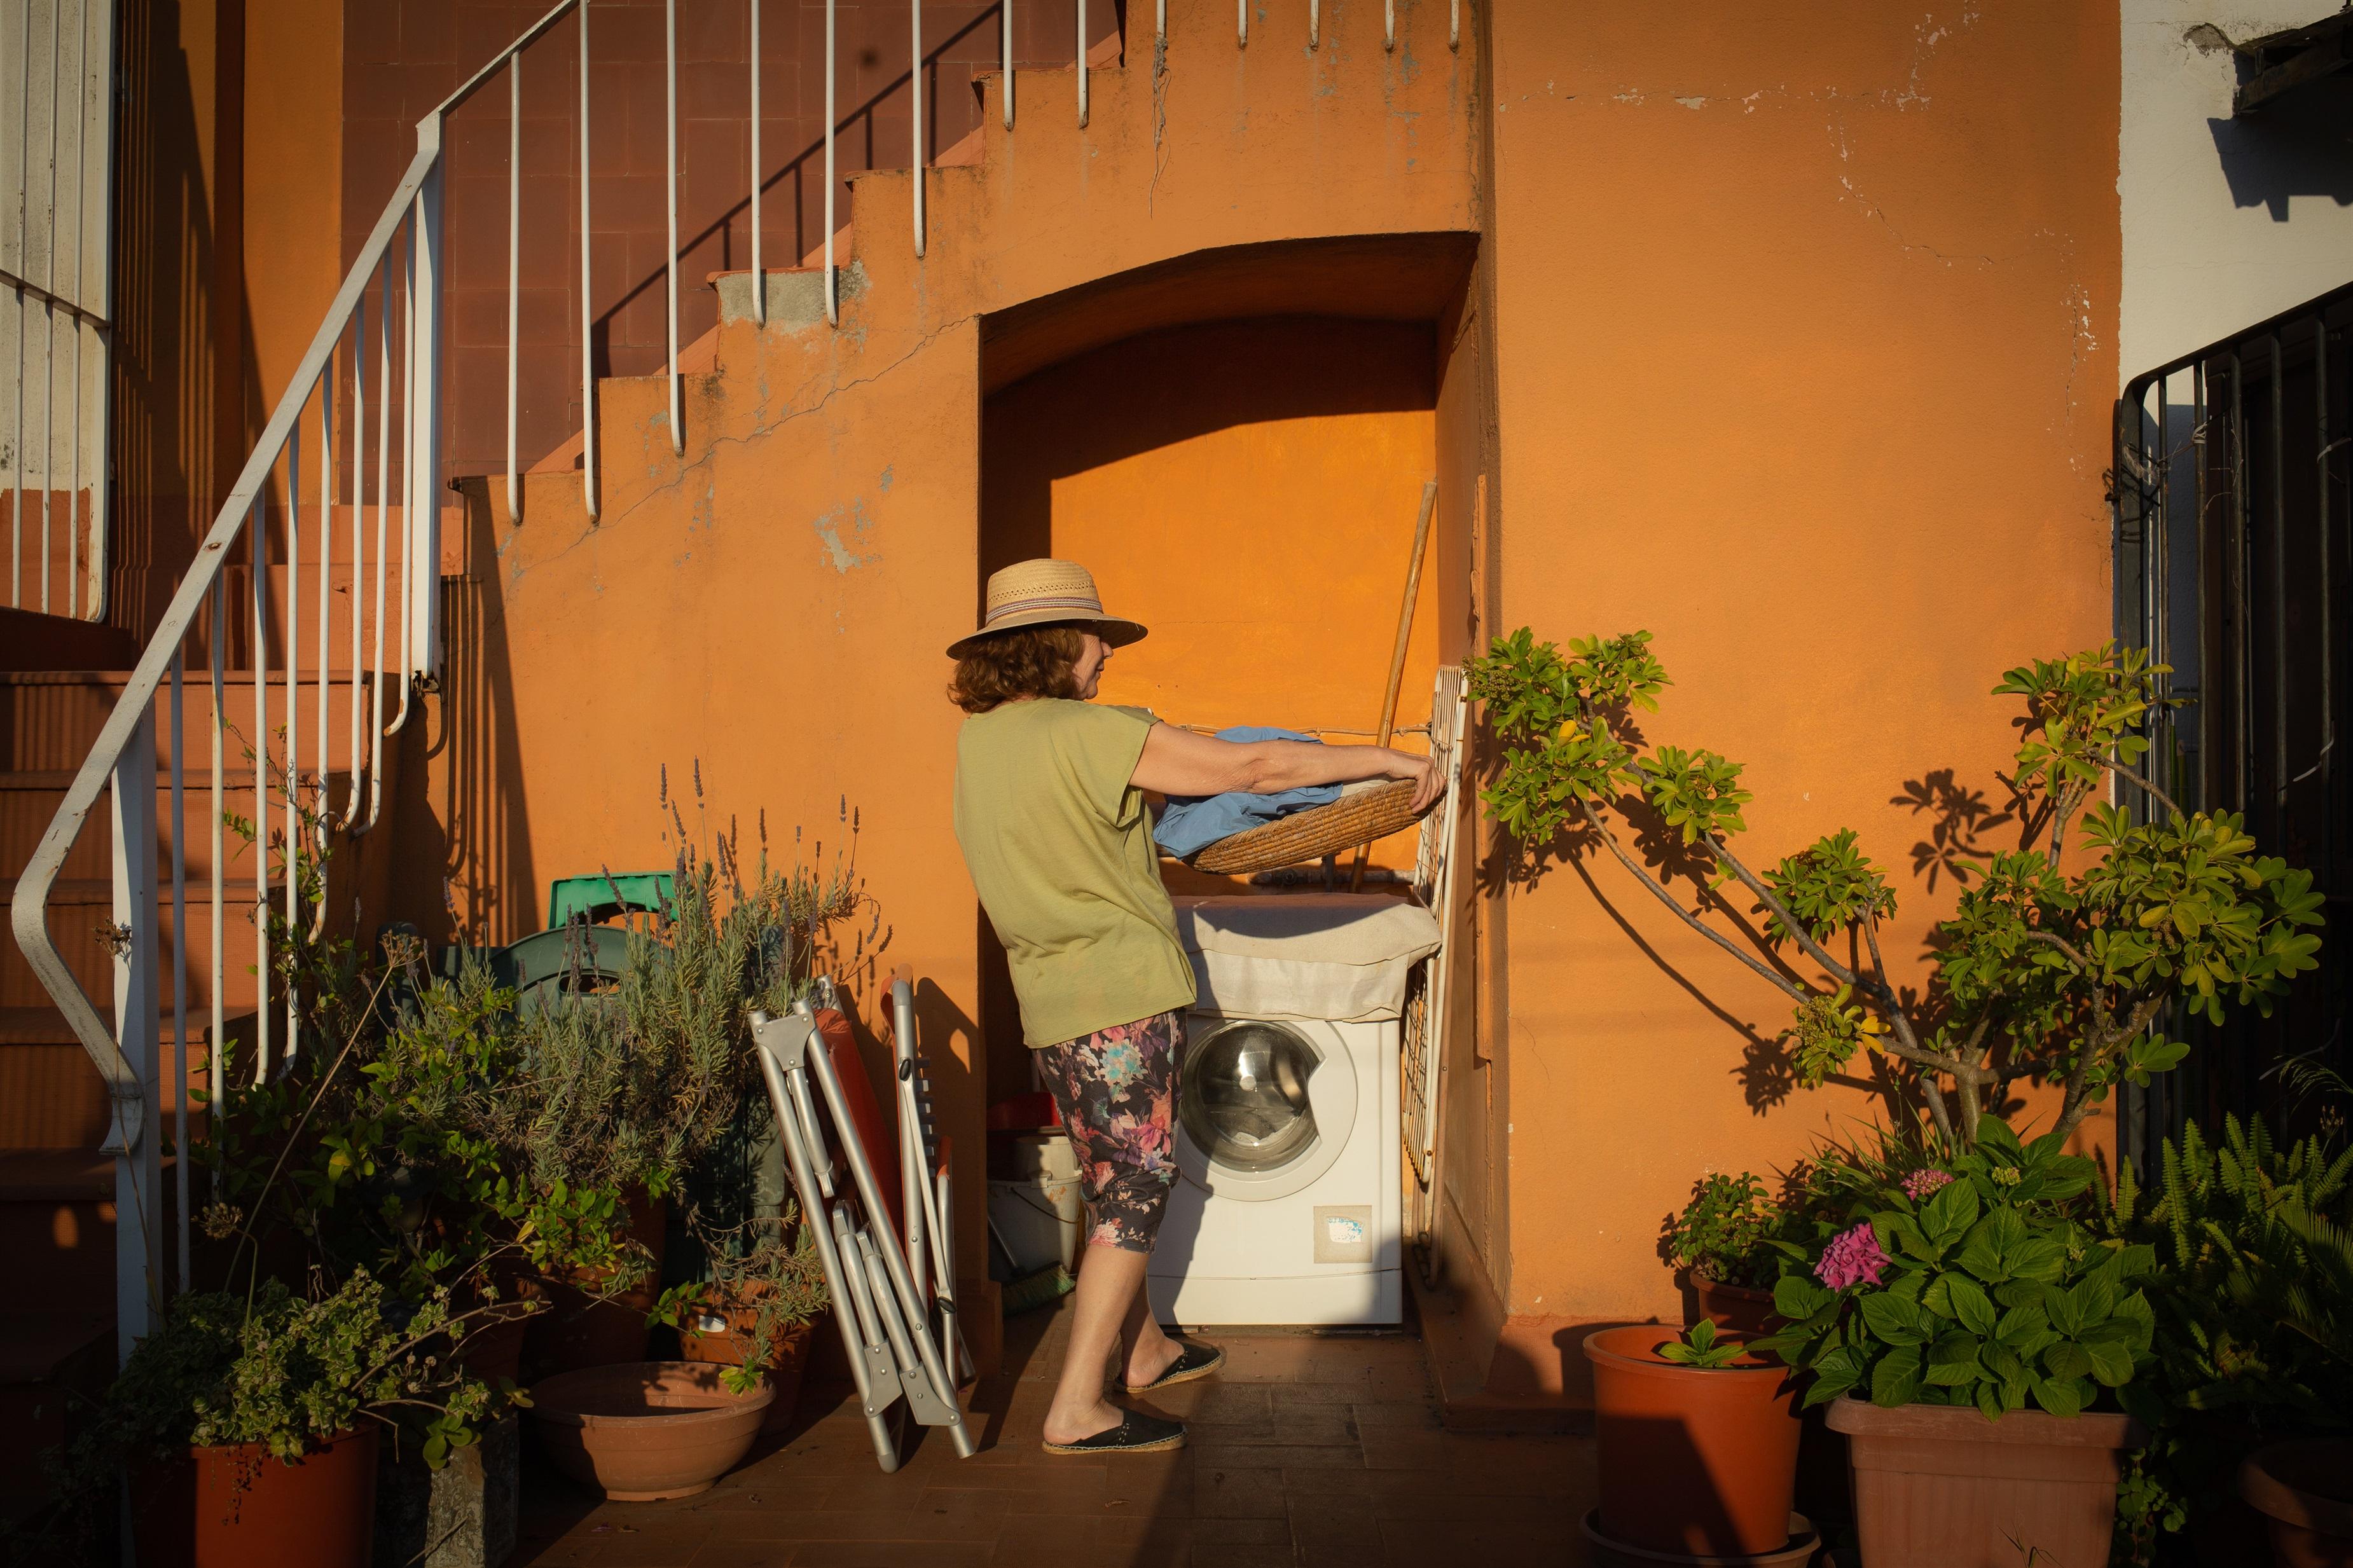 Una mujer ante una lavadora en una terraza - DAVID ZORRAKINO